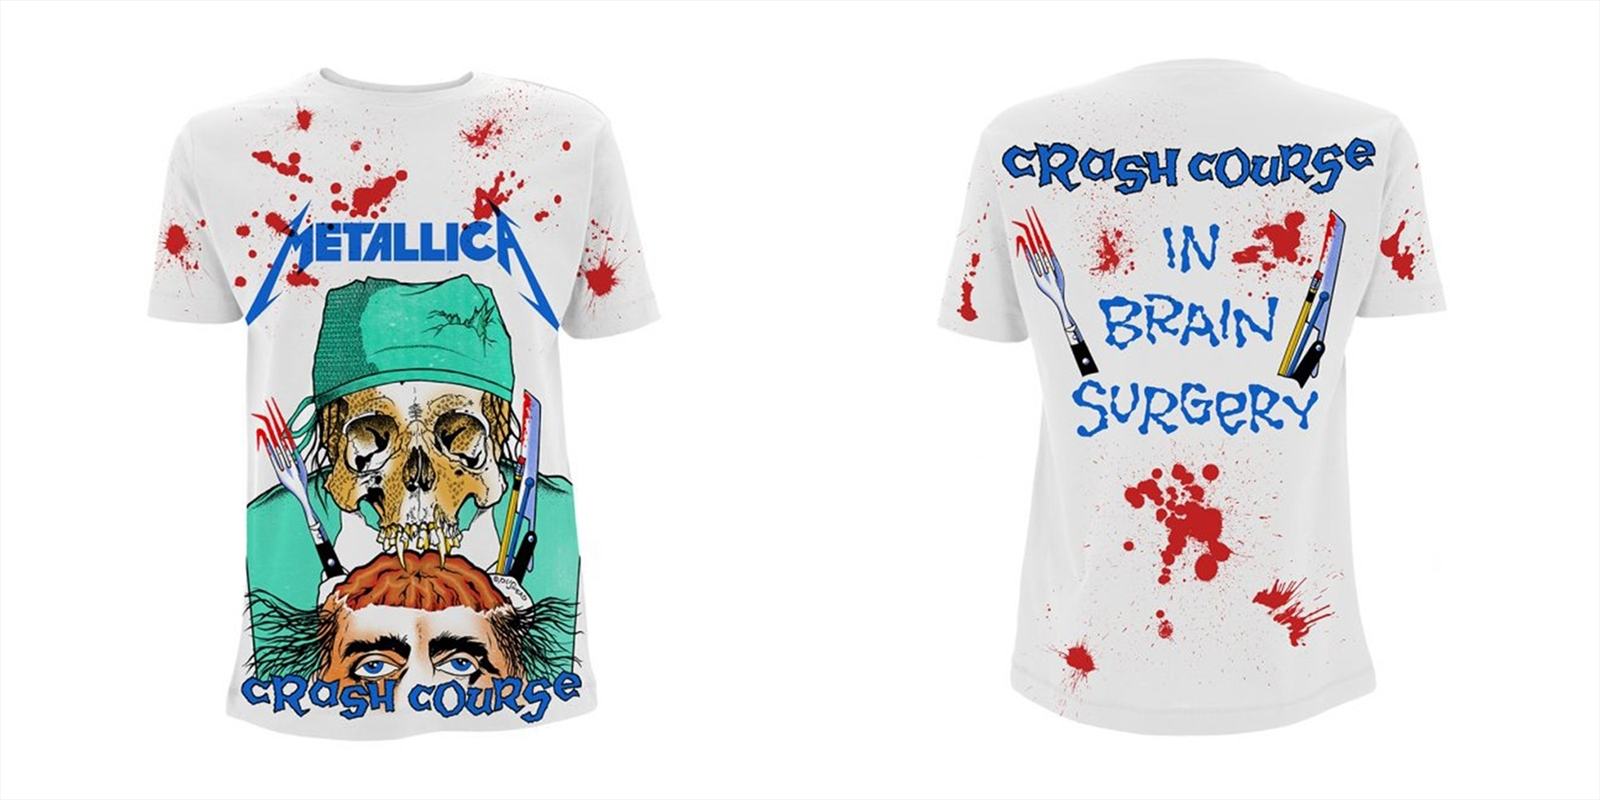 Metallica - Crash Course In Brain Surgery: Tshirt: M | Apparel